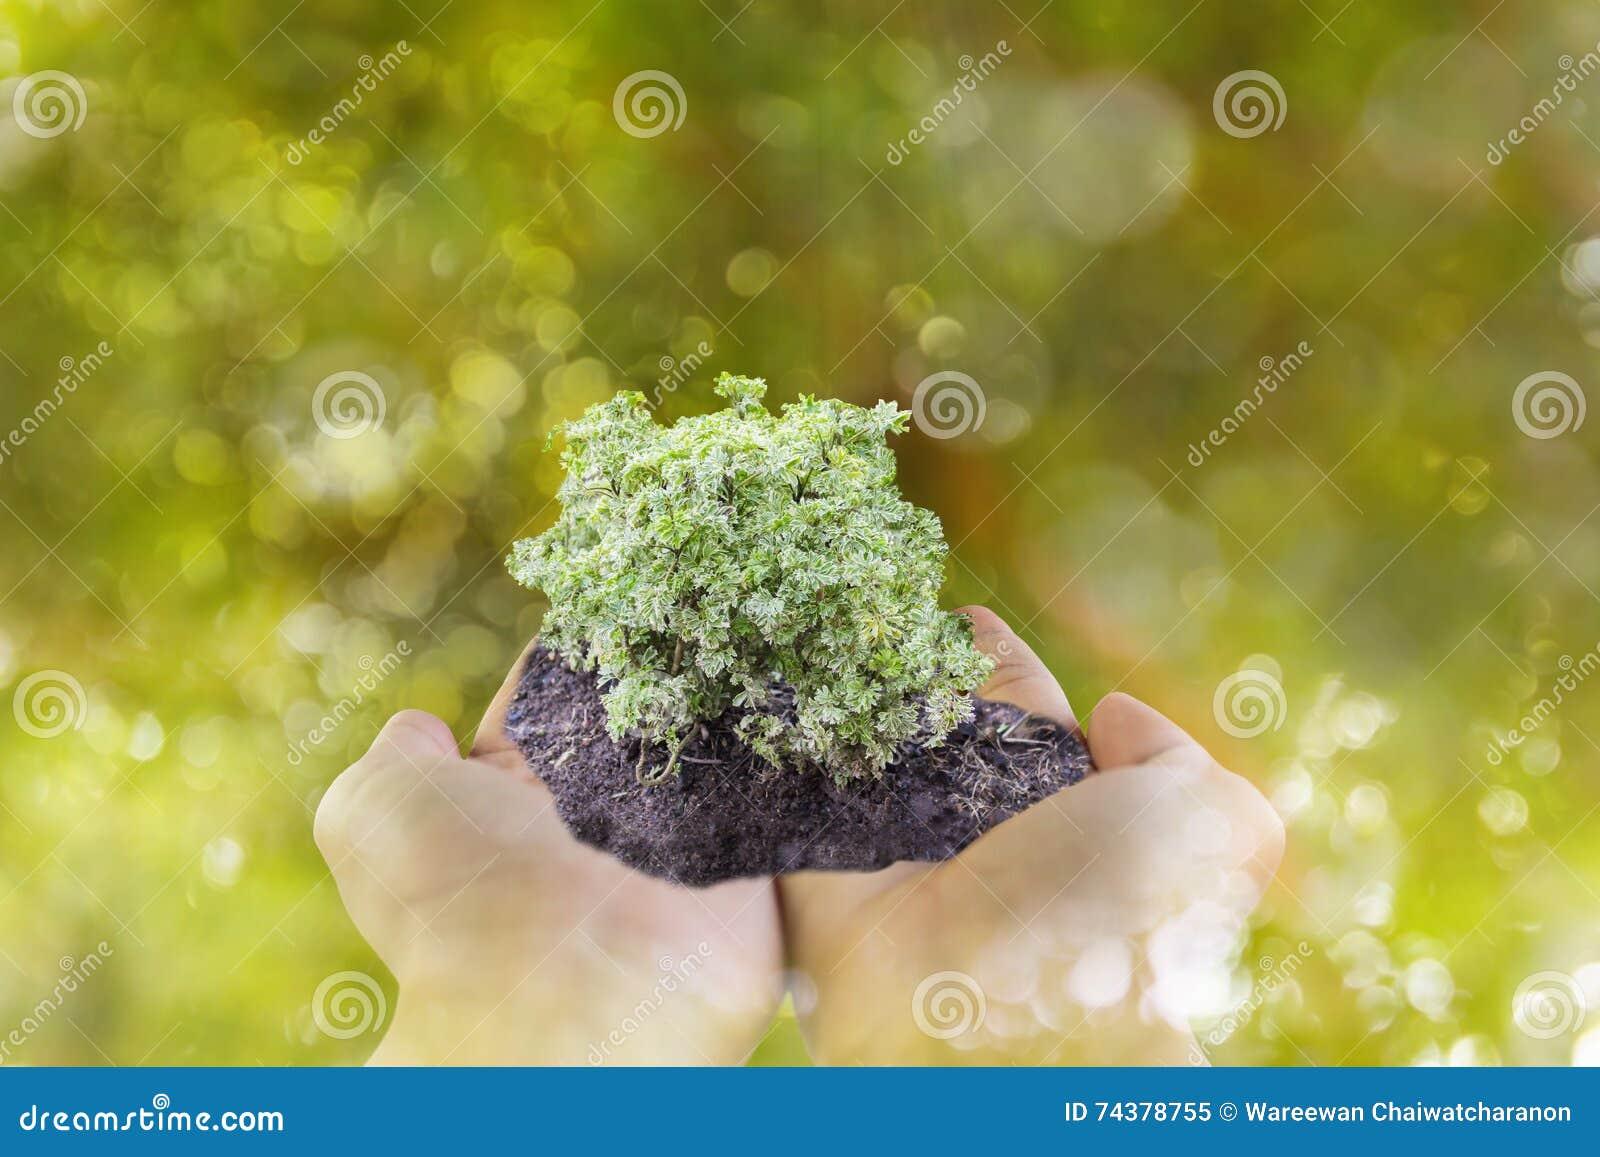 Sprössling oder Pflänzchen an Hand mit bokeh Grünbaum bokeh backgr